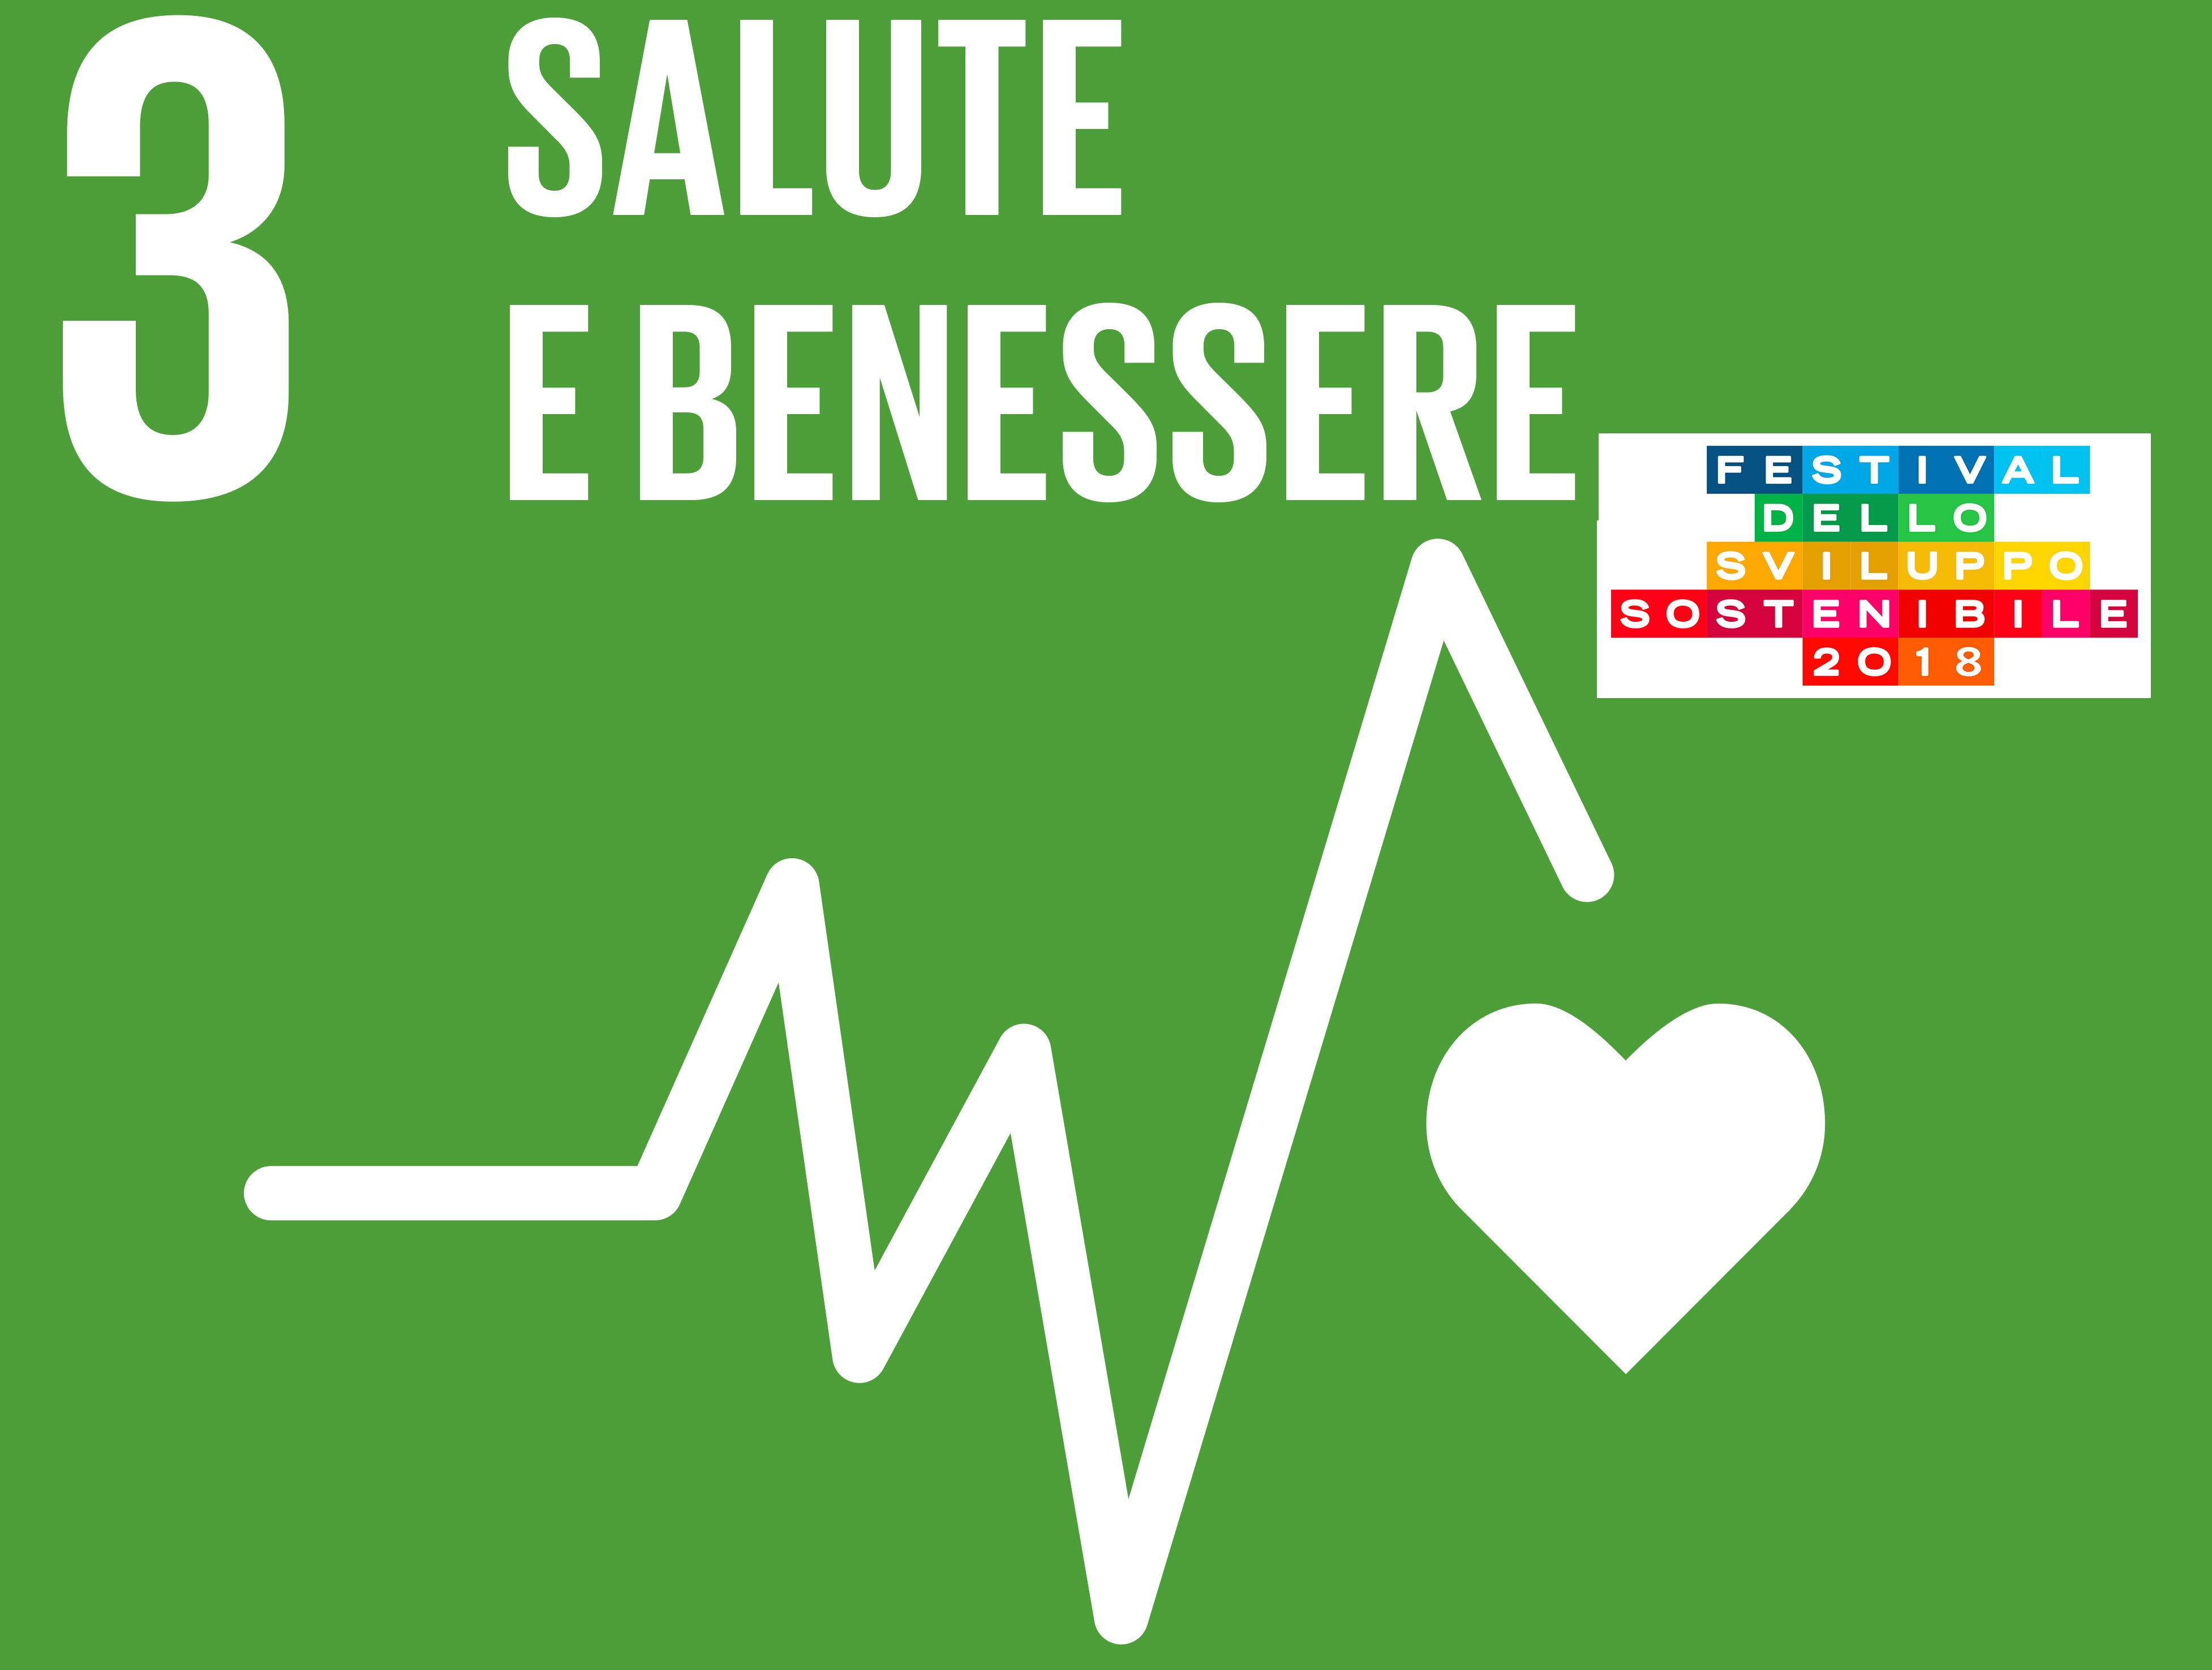 Festival dello Sviluppo Sostenibile Parma. SDG 3: Salute e Benessere